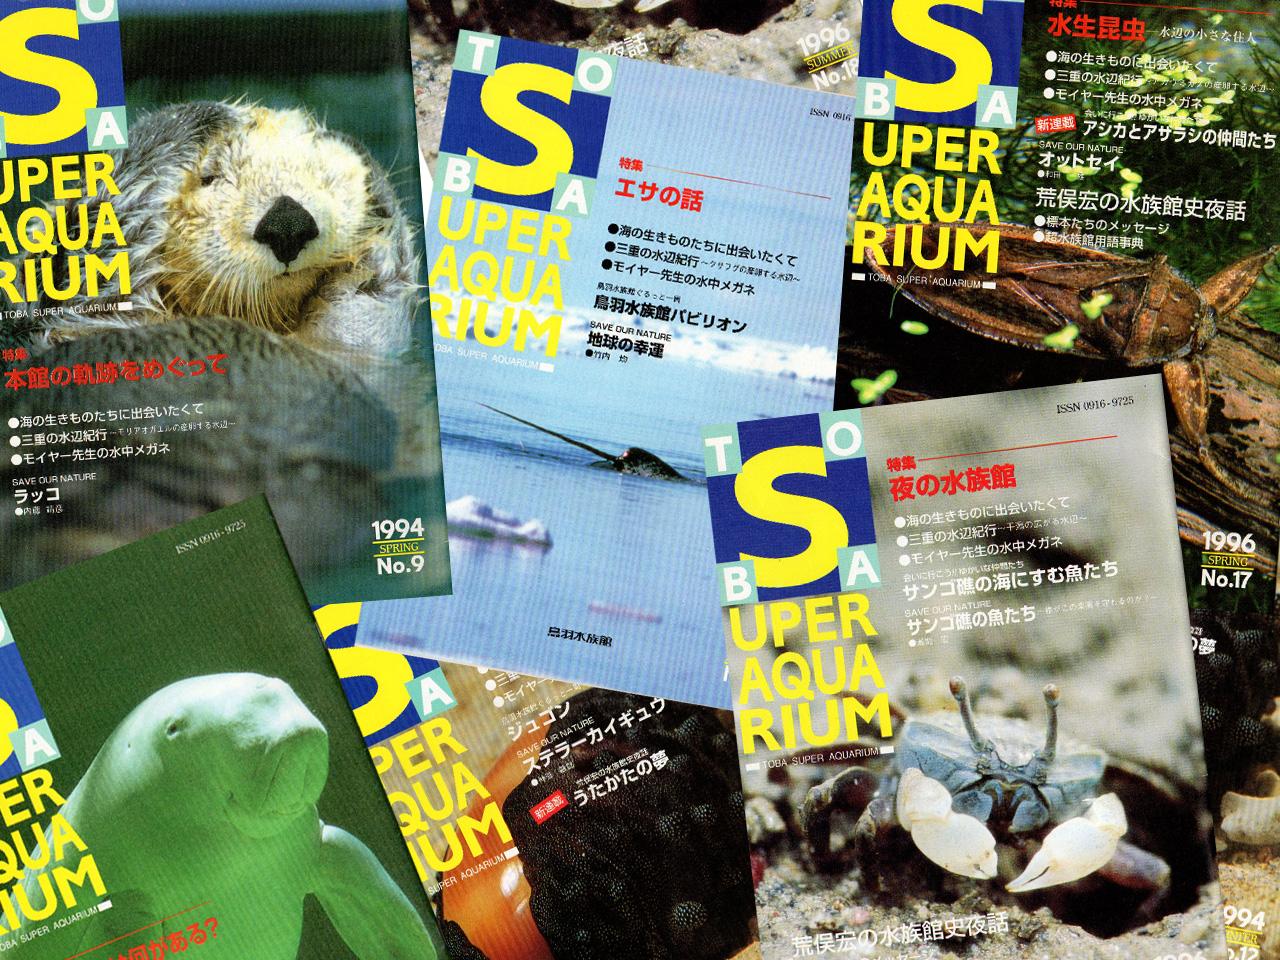 鳥羽水族館「TOBA SUPER AQUARIUM」